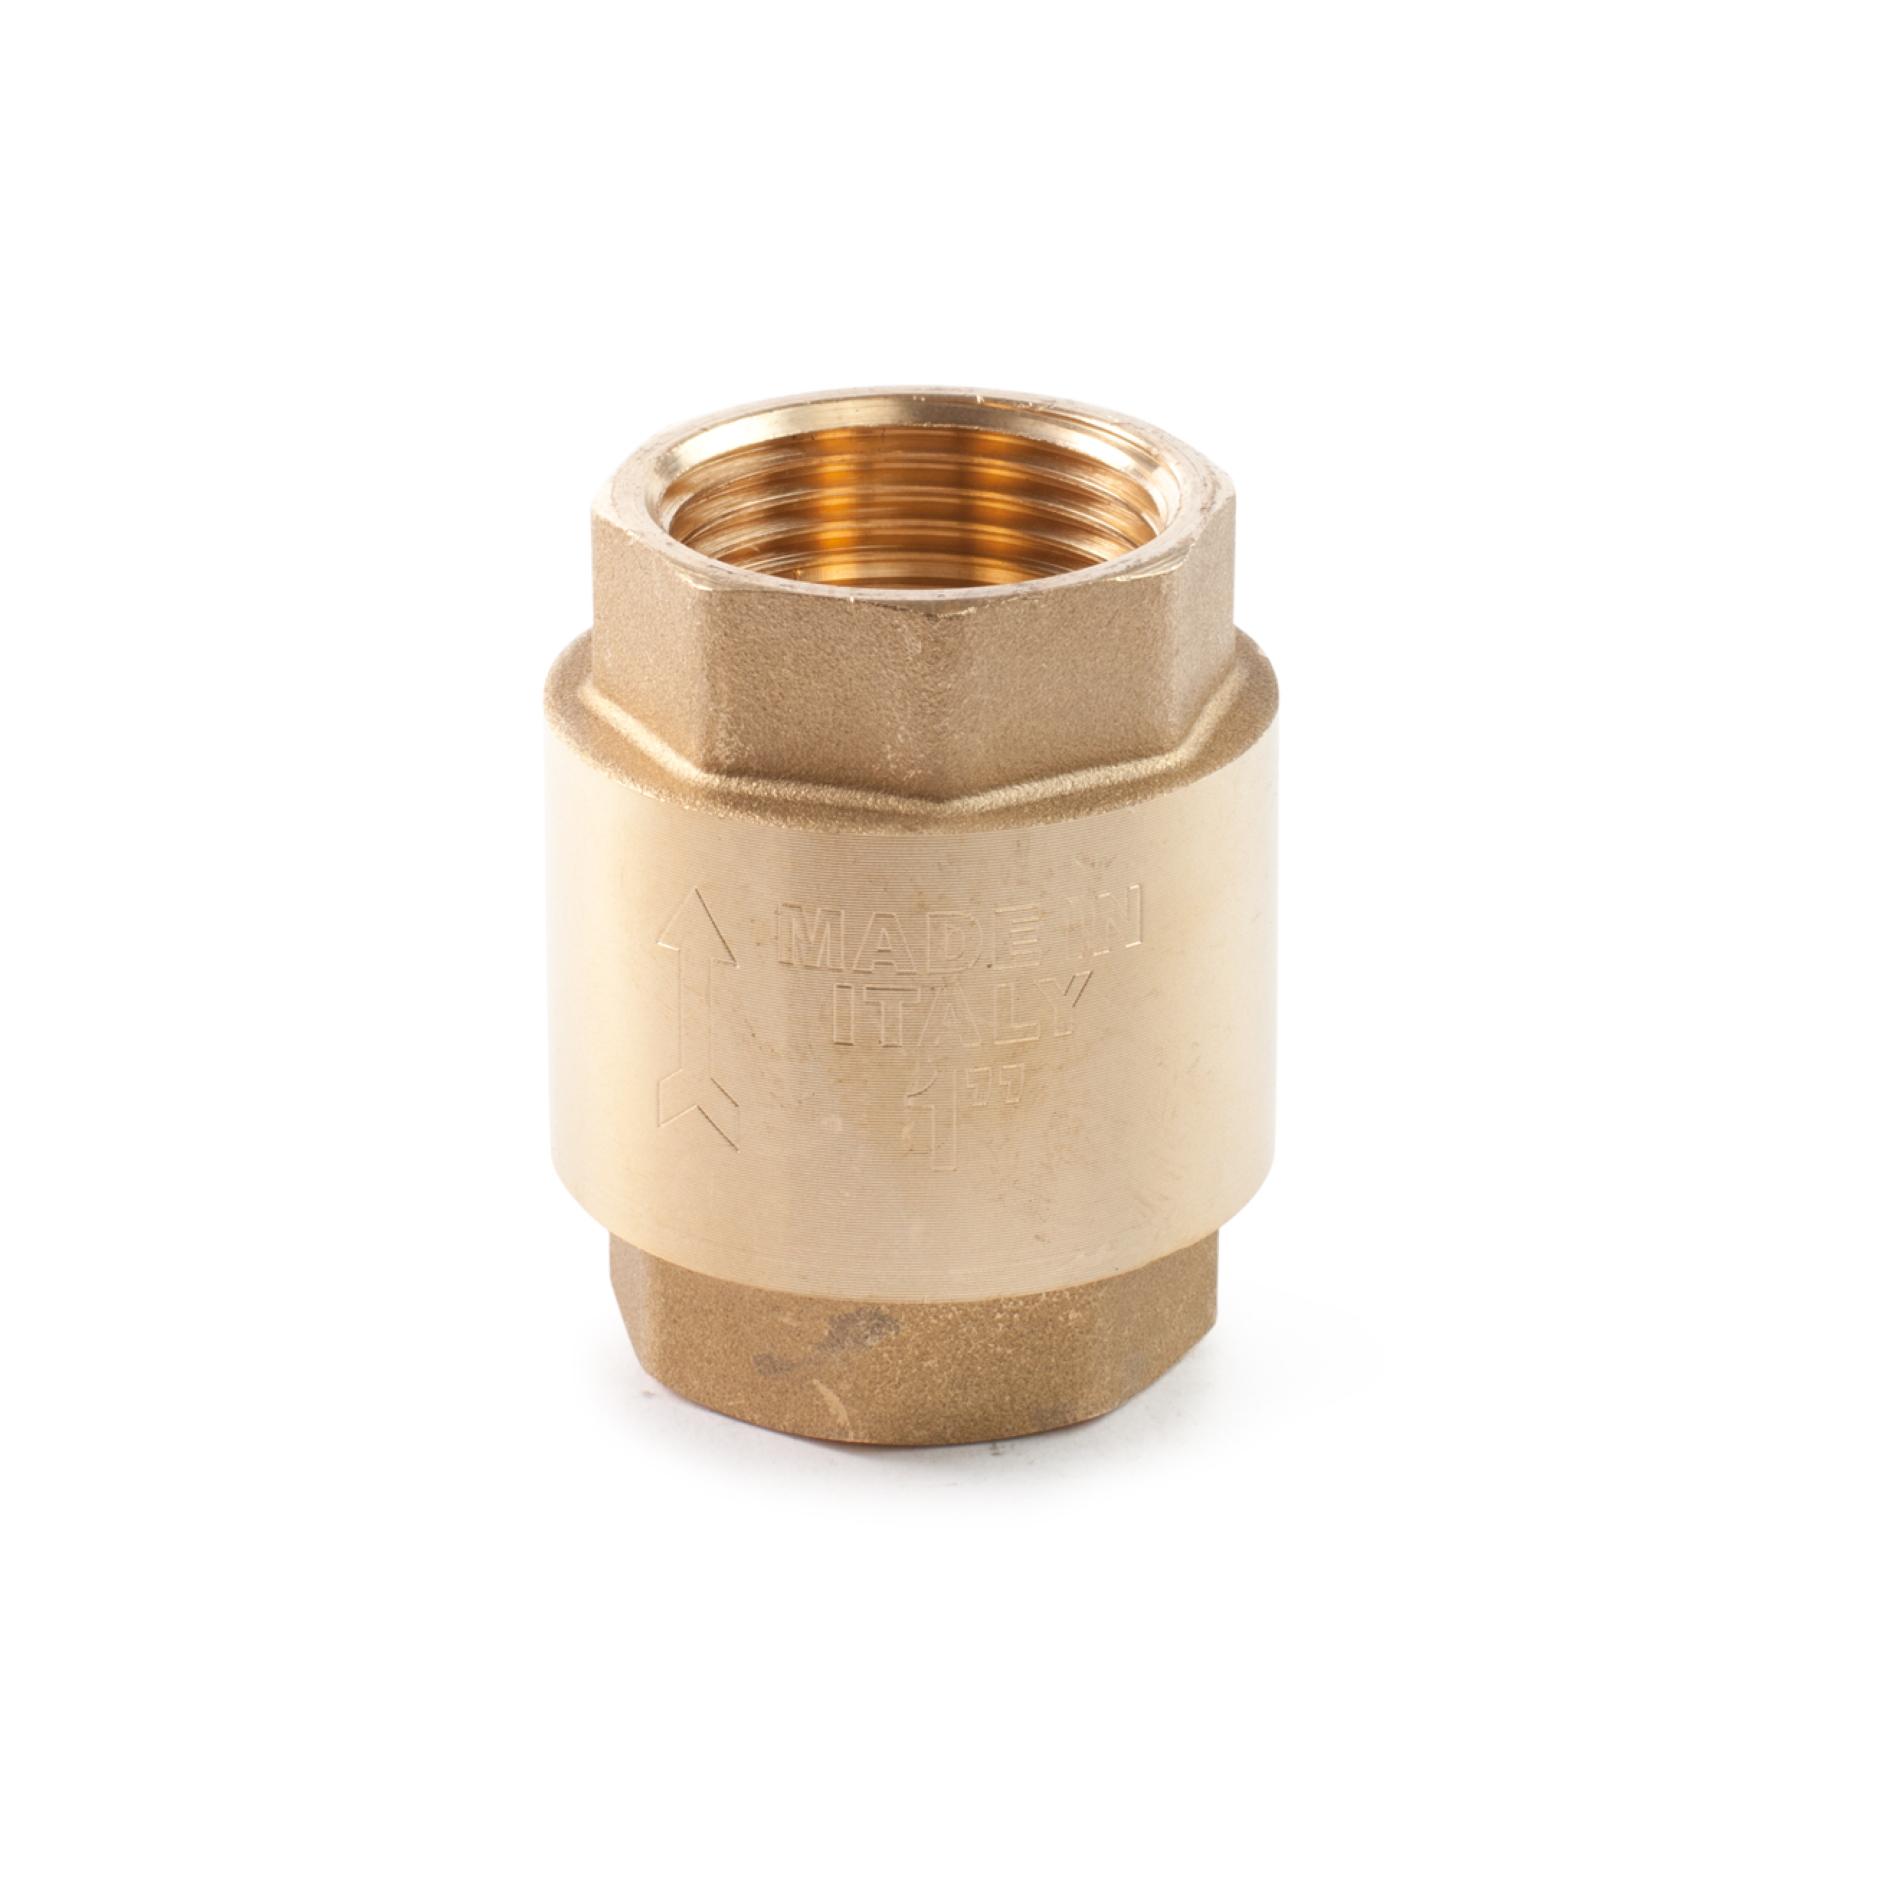 480 Valvola di non ritorno ottone otturatore plastica NRV Brass non-return valve with plastic disc